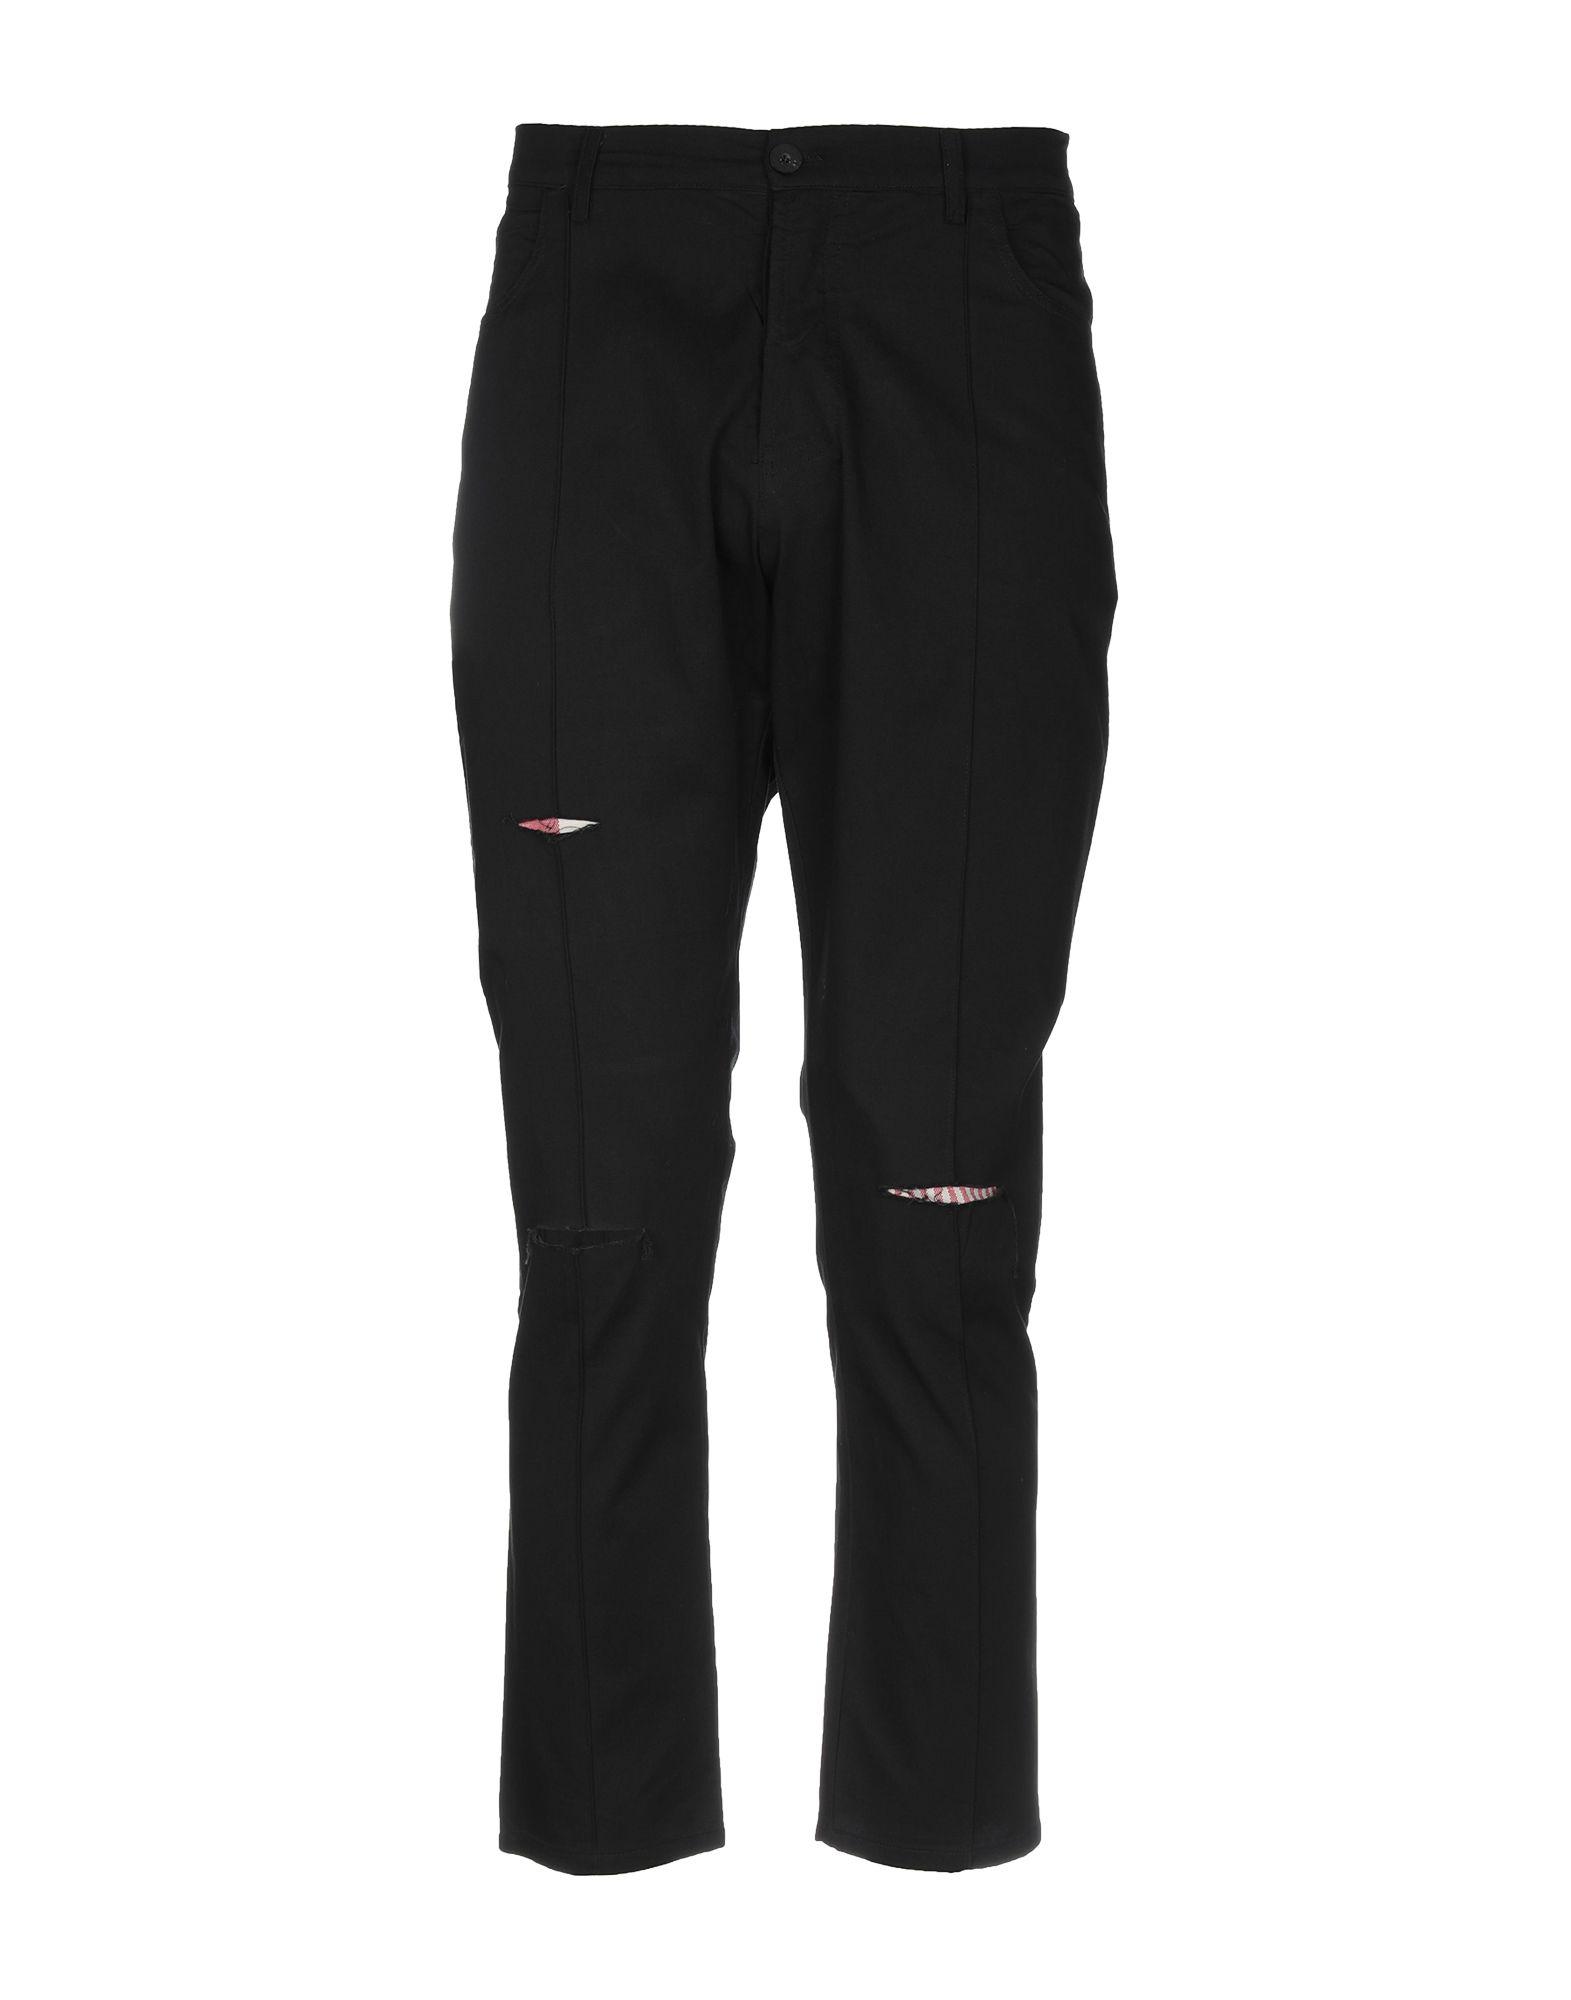 《送料無料》CORELATE メンズ パンツ ブラック 50 コットン